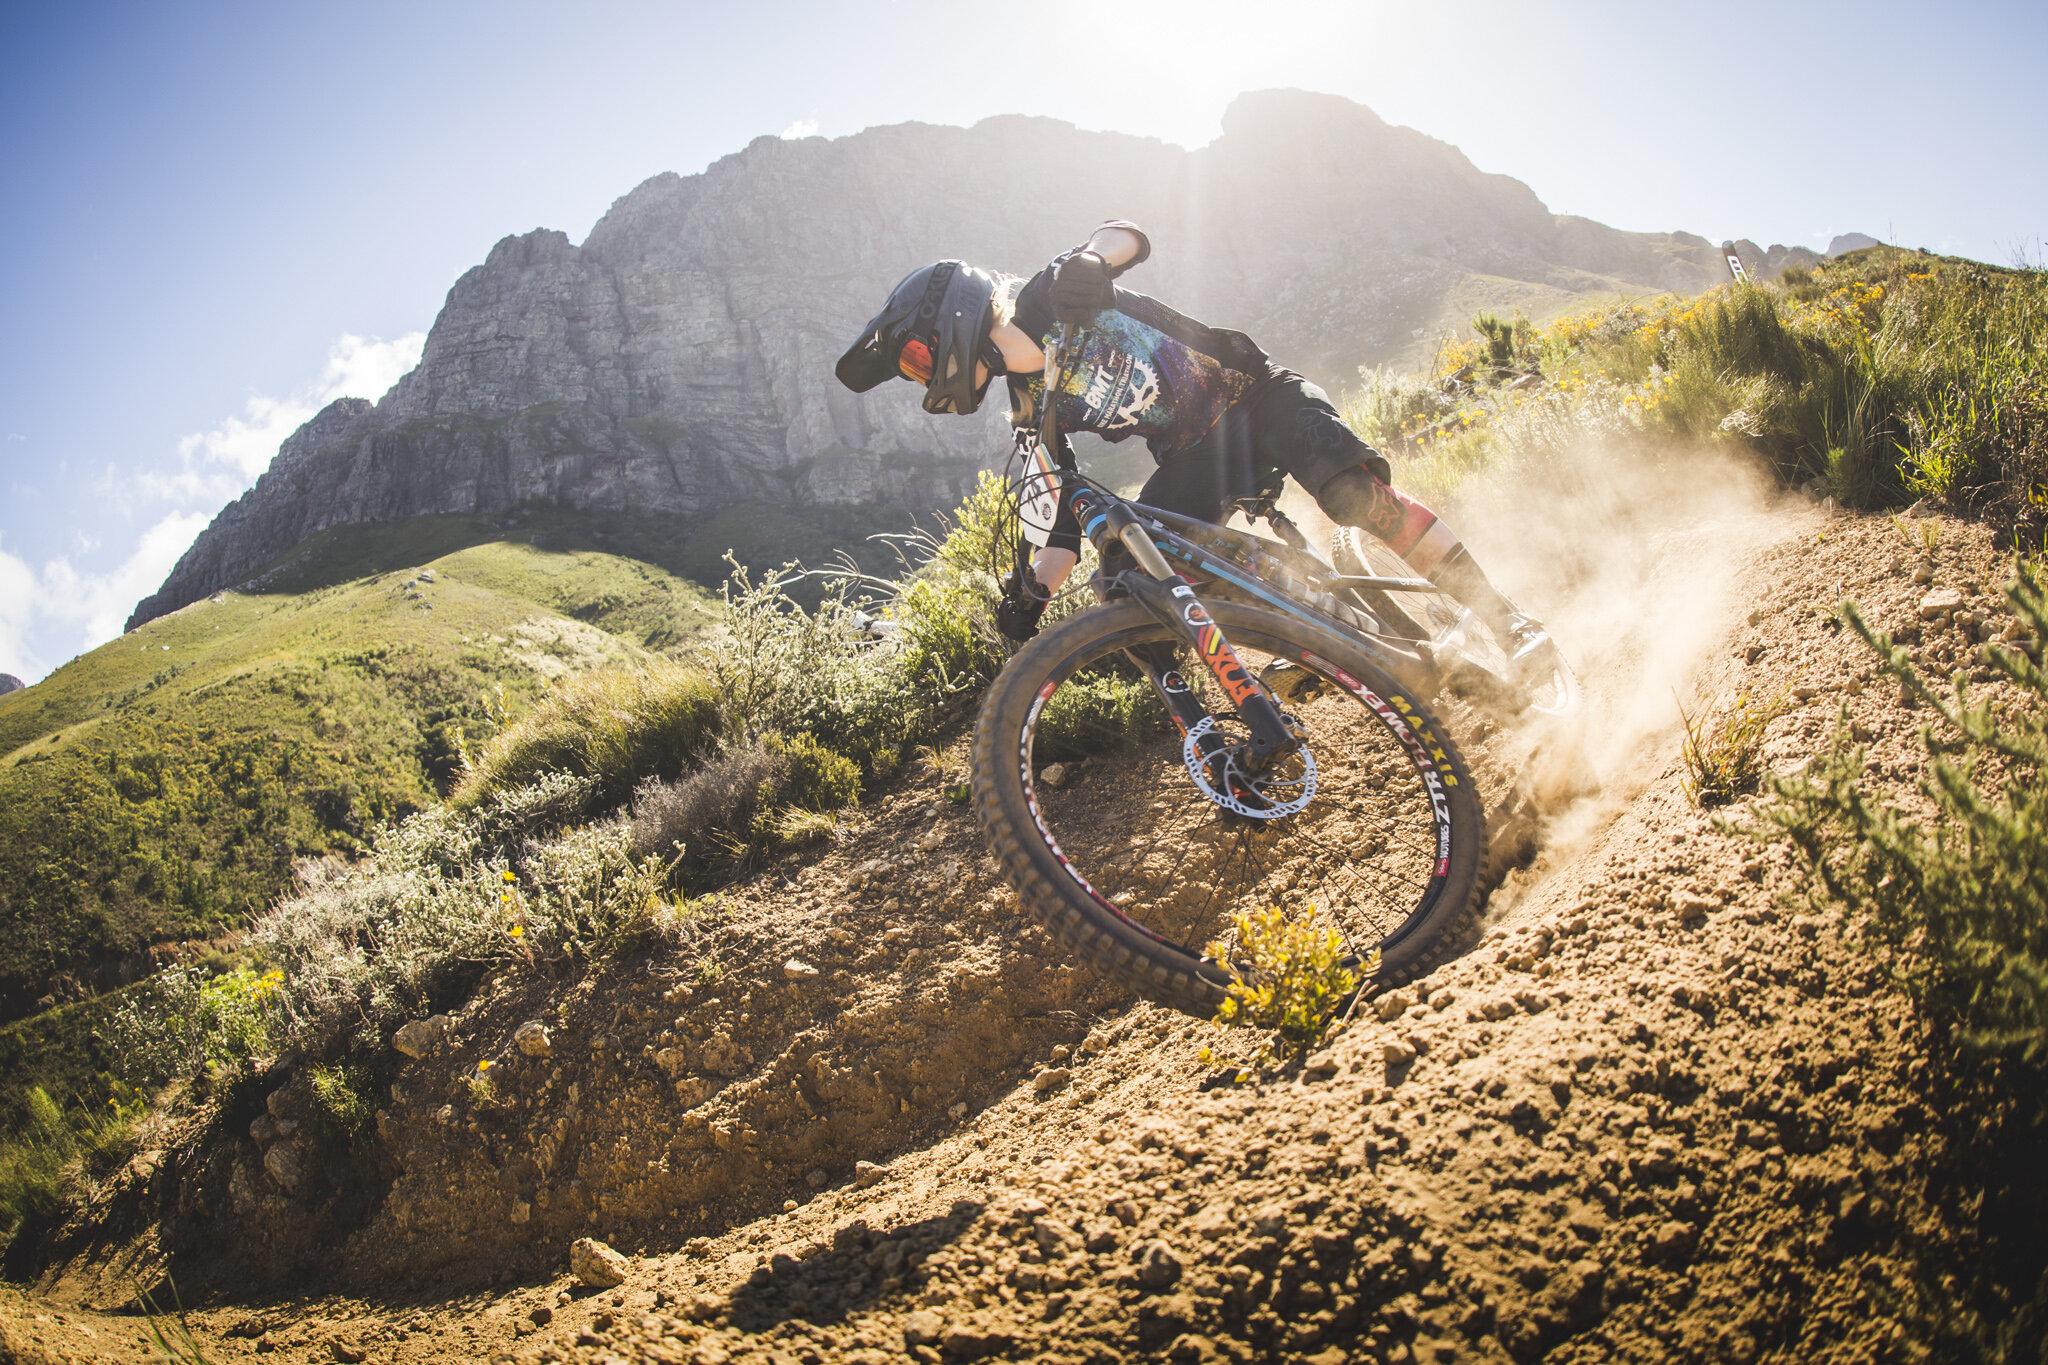 Denise_Bike Action